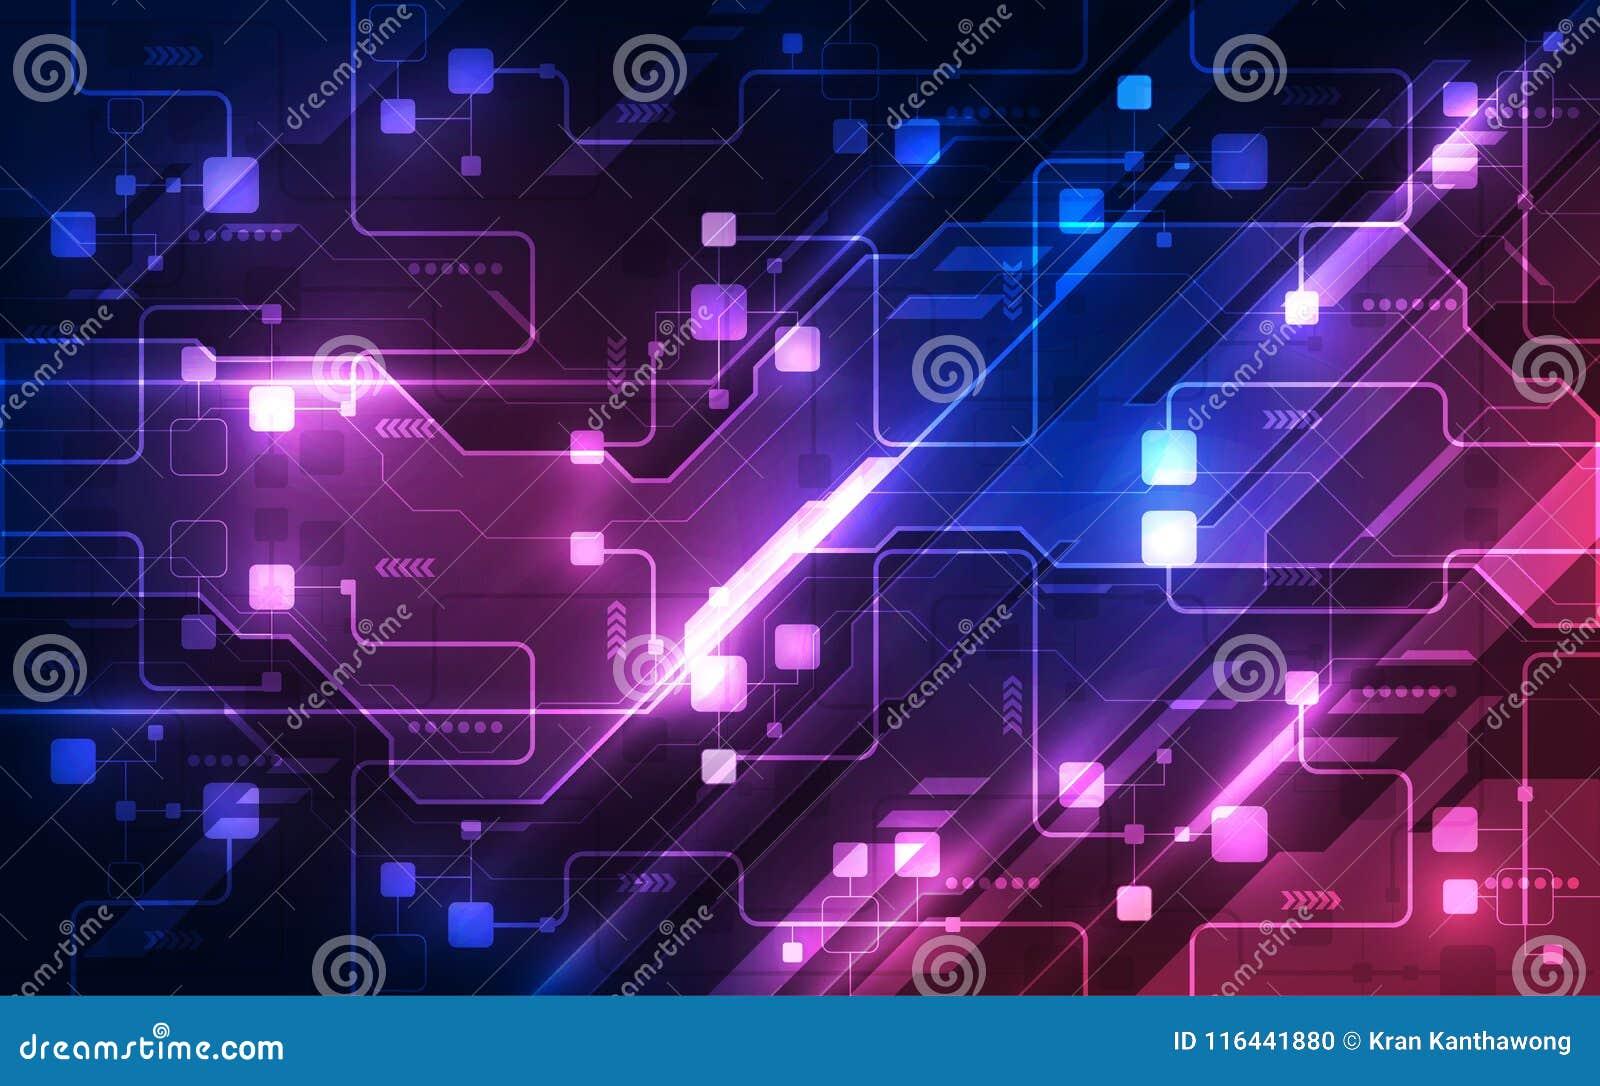 Διανυσματικός αφηρημένος φουτουριστικός πίνακας κυκλωμάτων, μπλε χρώμα τεχνολογίας απεικόνισης υψηλό ψηφιακό